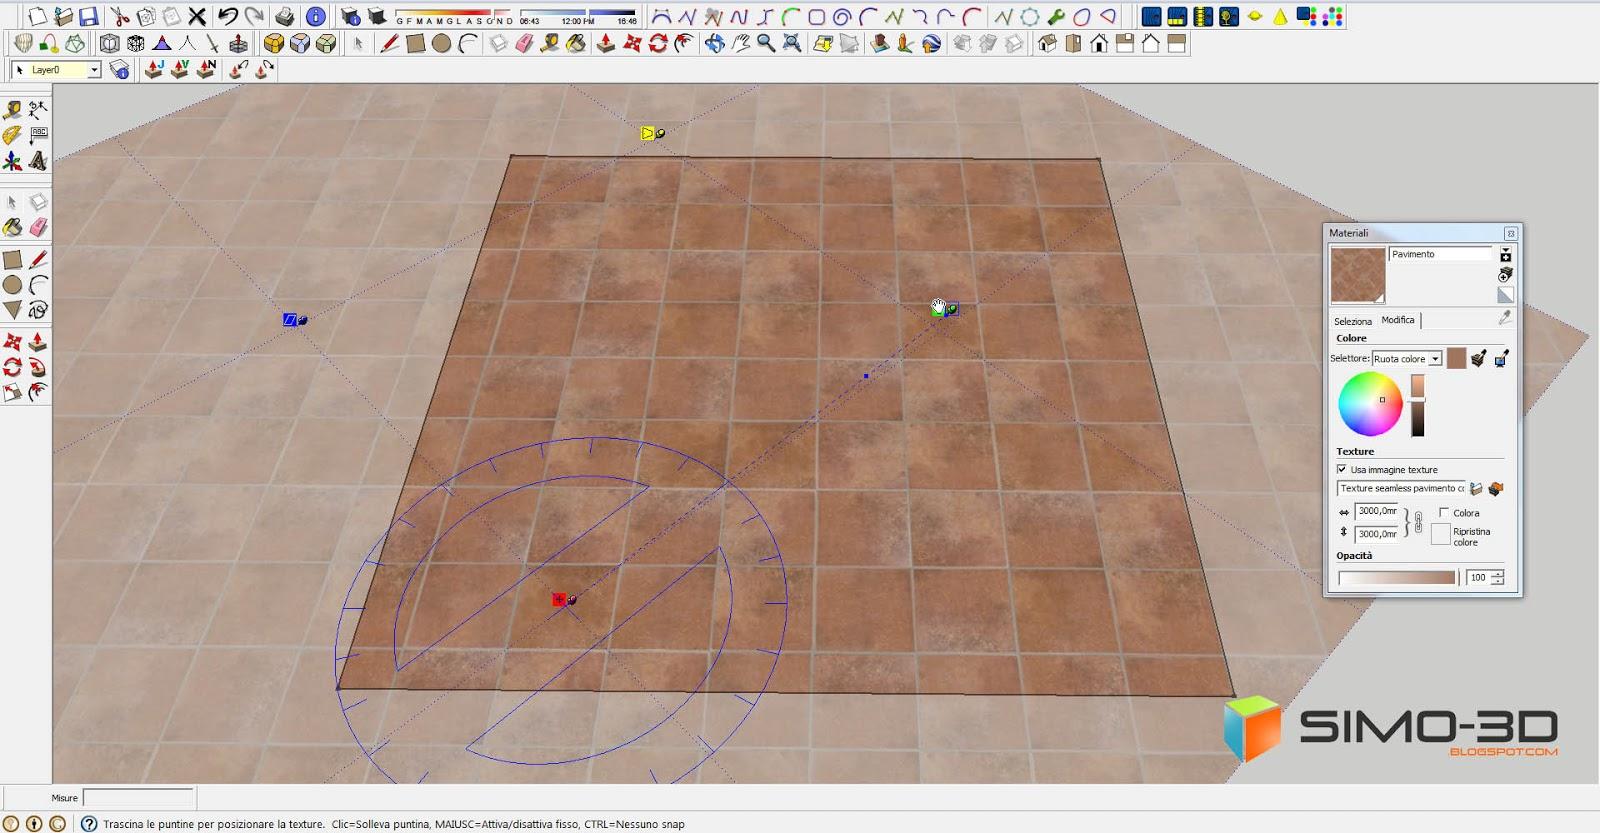 Simo 3d.blogspot.com: gennaio 2013